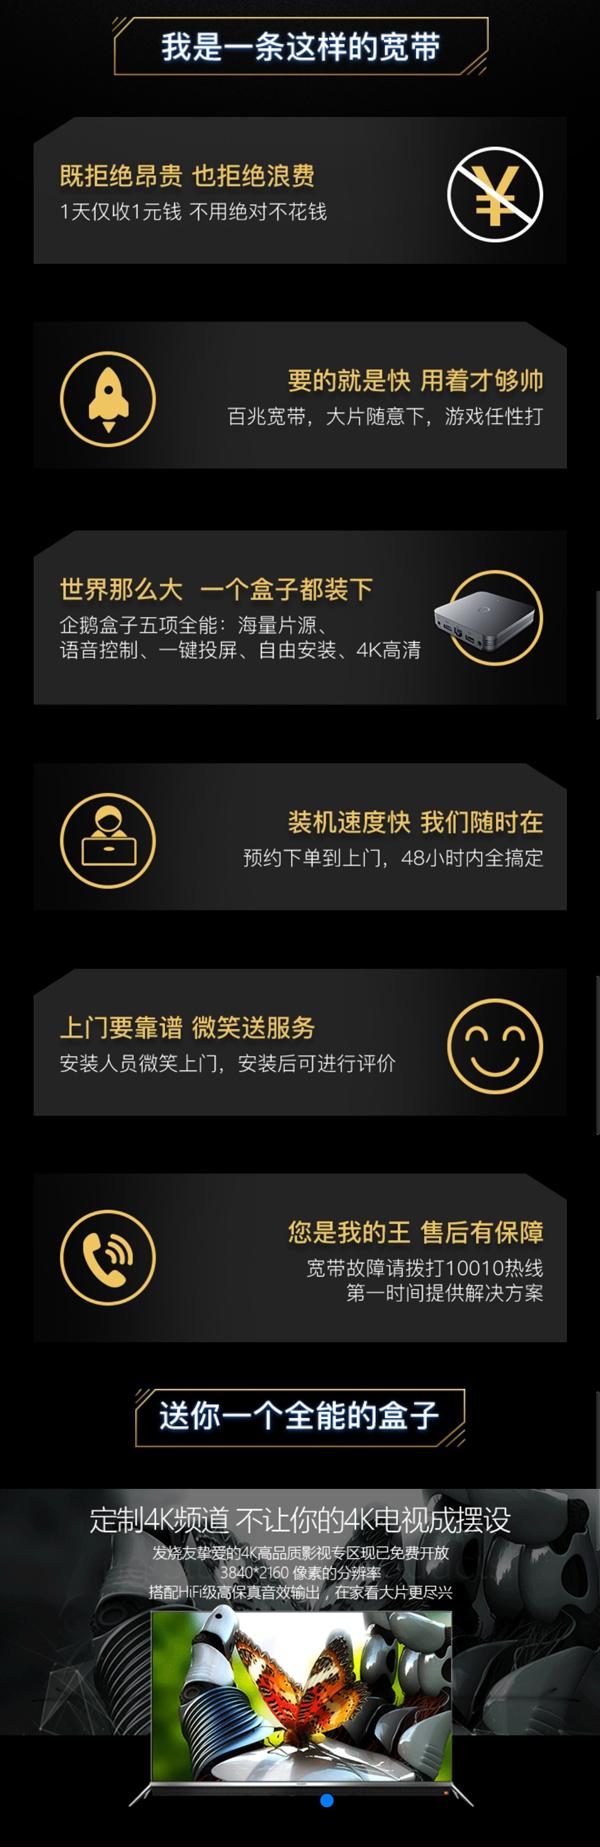 中国联通联合腾讯推出王卡宽带:1天1元,不用不花钱 活动线报 第3张